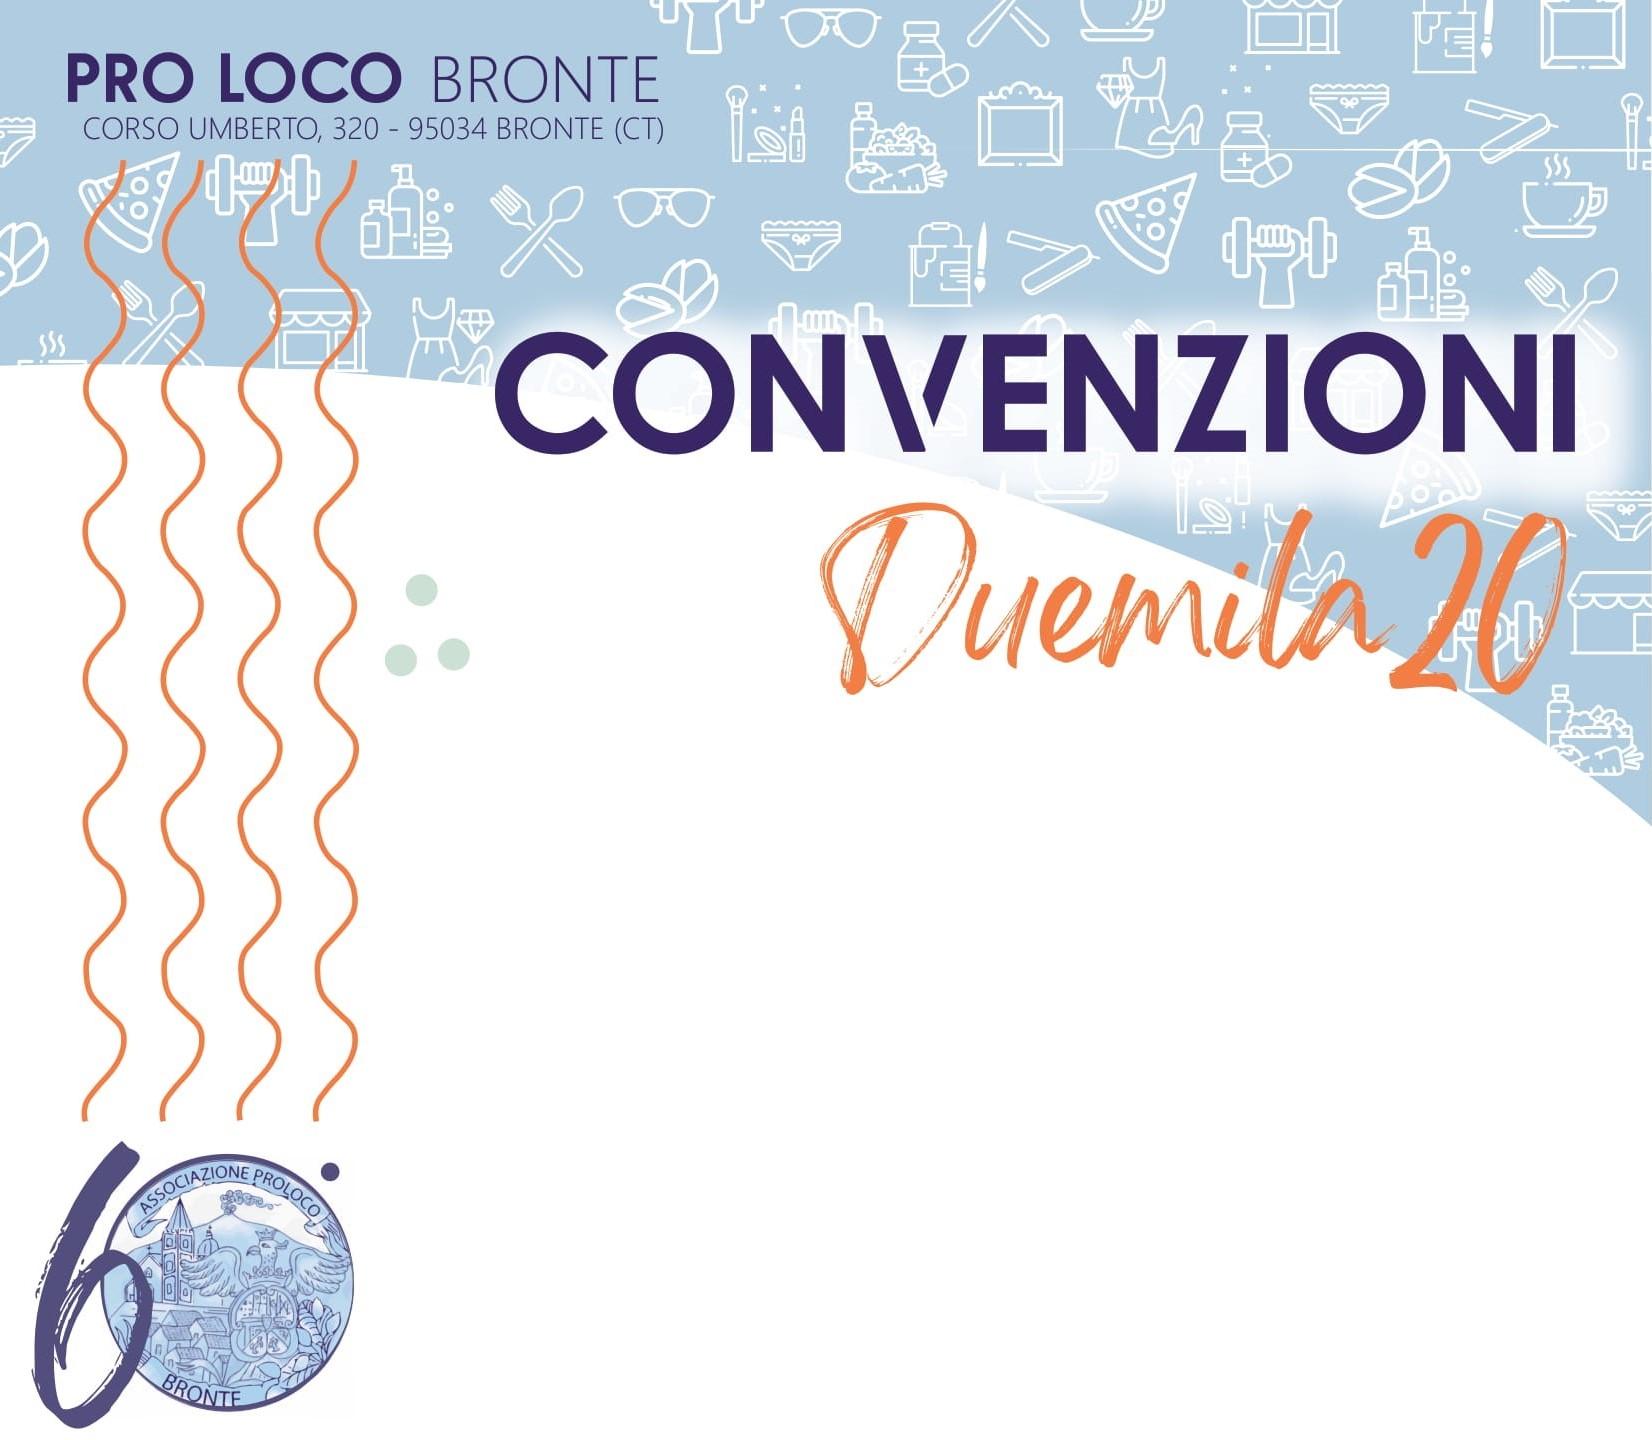 Pro Loco Bronte: Ecco le convenzioni 2020!